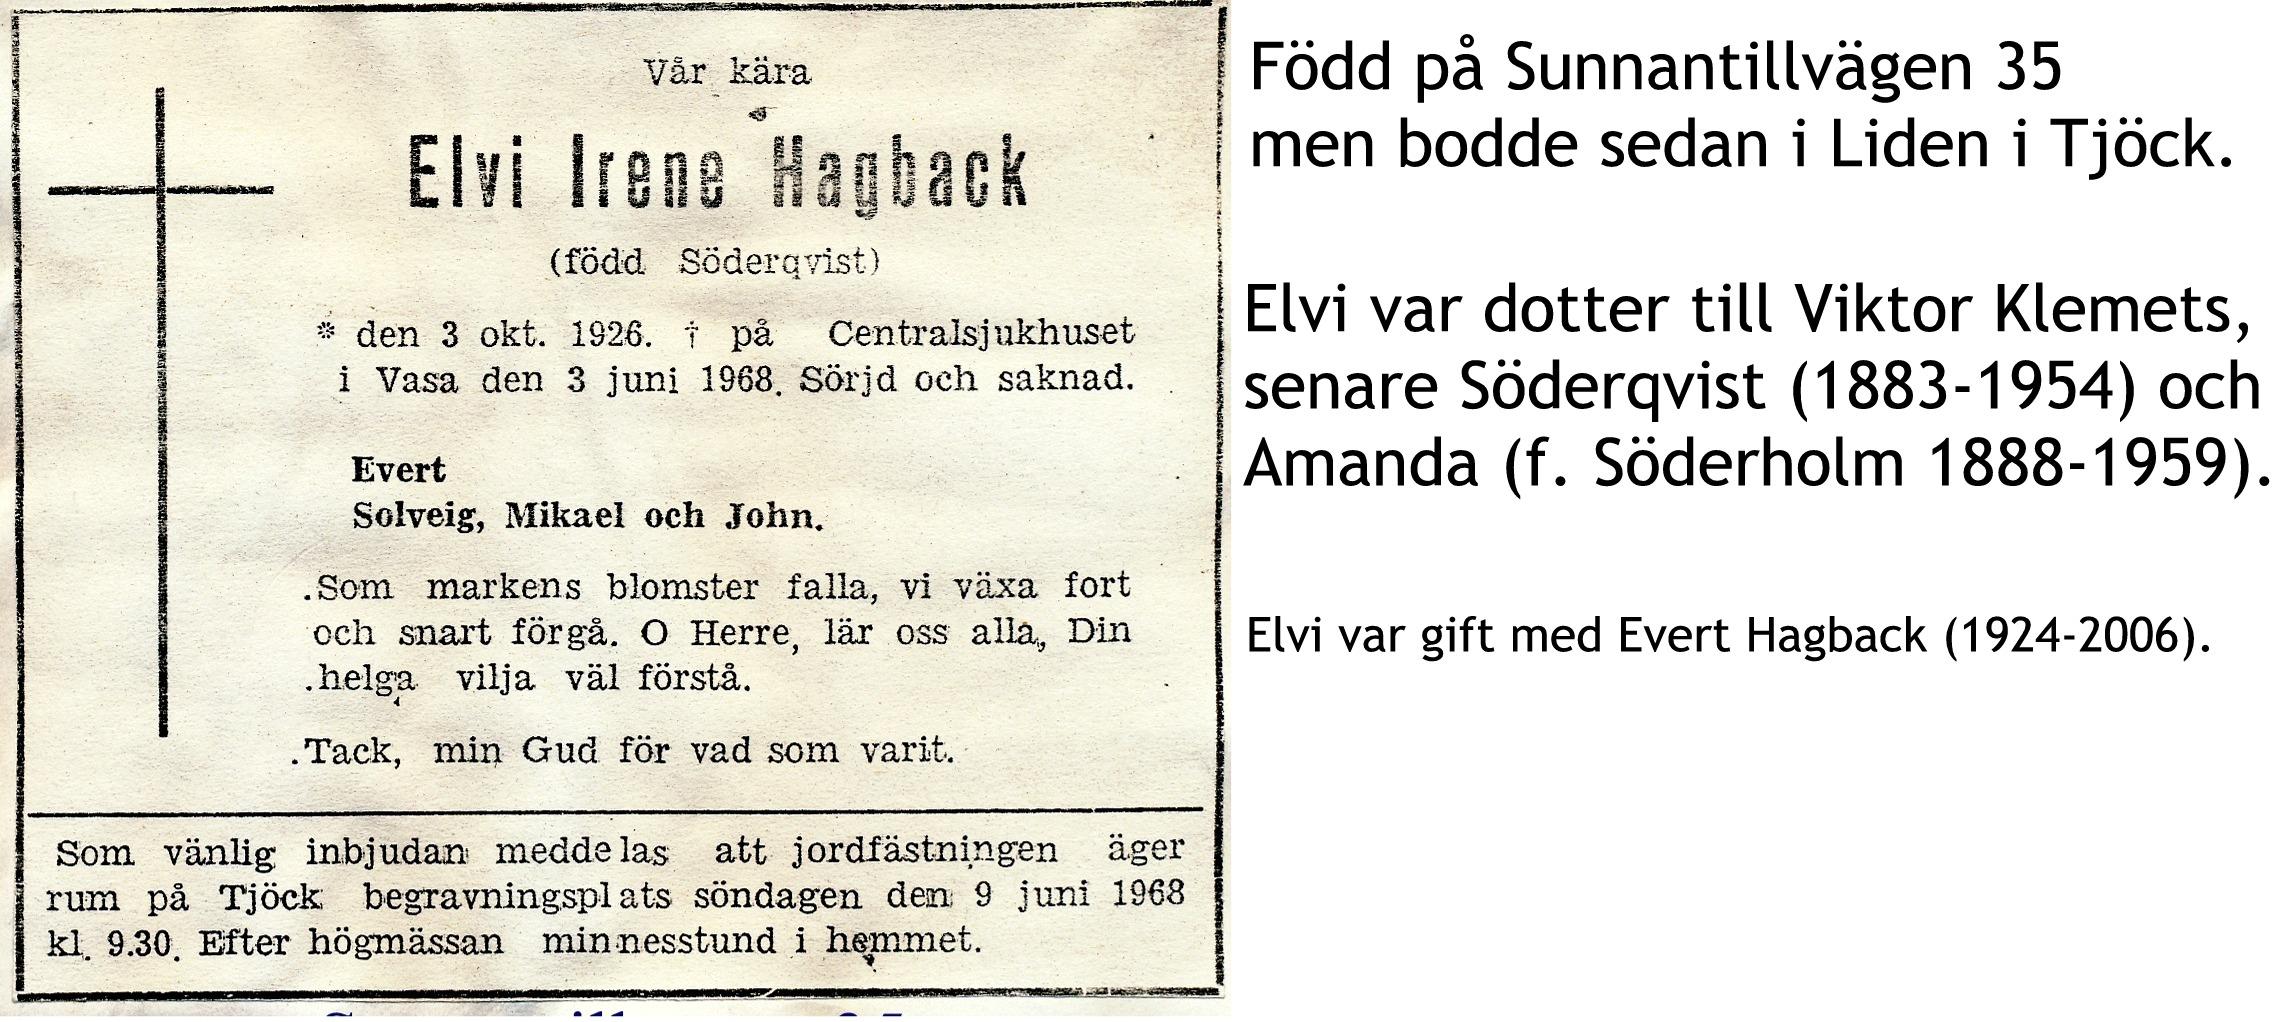 Hagback Elvi, f. Söderqvist